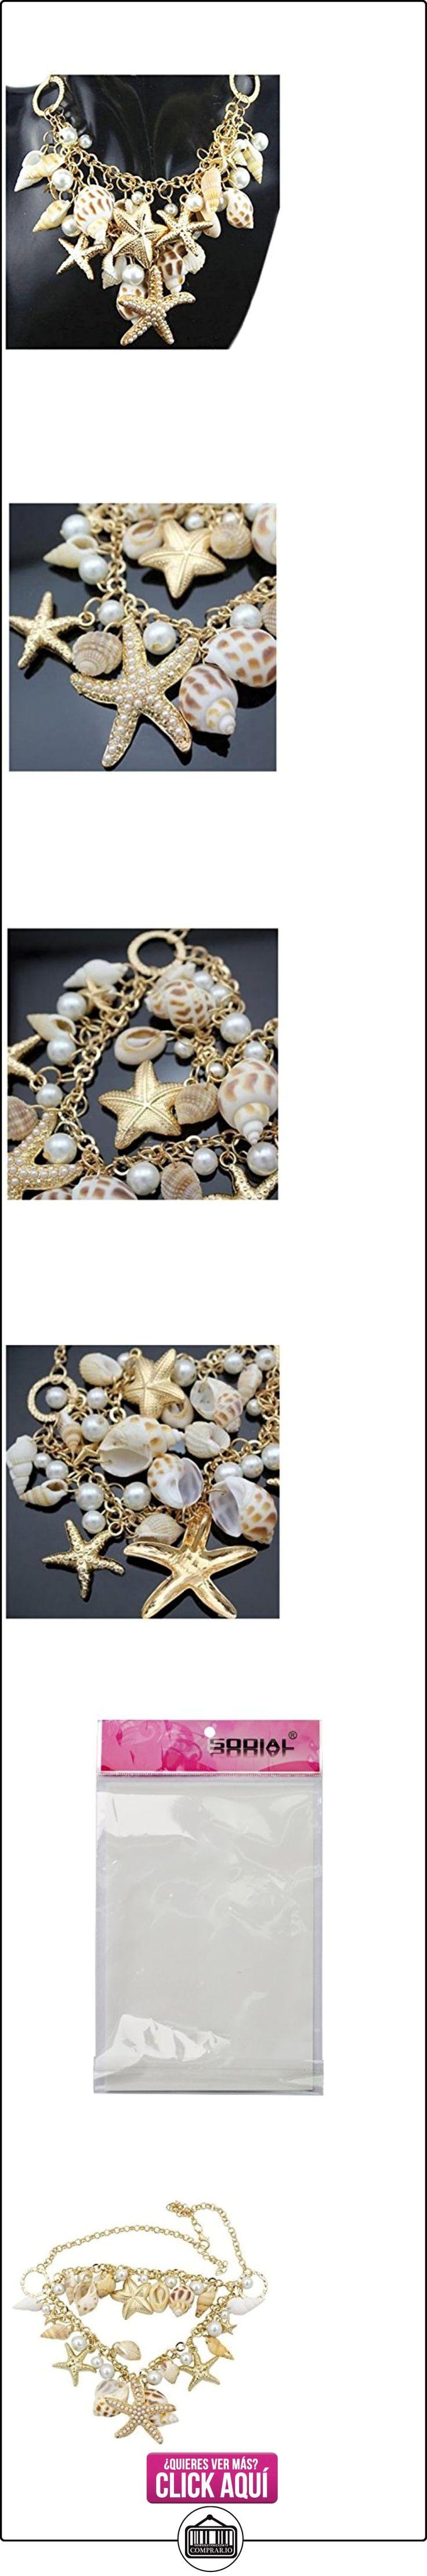 Collar - SODIAL(R)Estilo del oceano Multi estrellas de mar Estrella de mar Caracola marina Concha Perlas Collar de cadena de estrellas de mar Dorado  ✿ Joyas para mujer - Las mejores ofertas ✿ ▬► Ver oferta: https://comprar.io/goto/B01BHFMJ2I